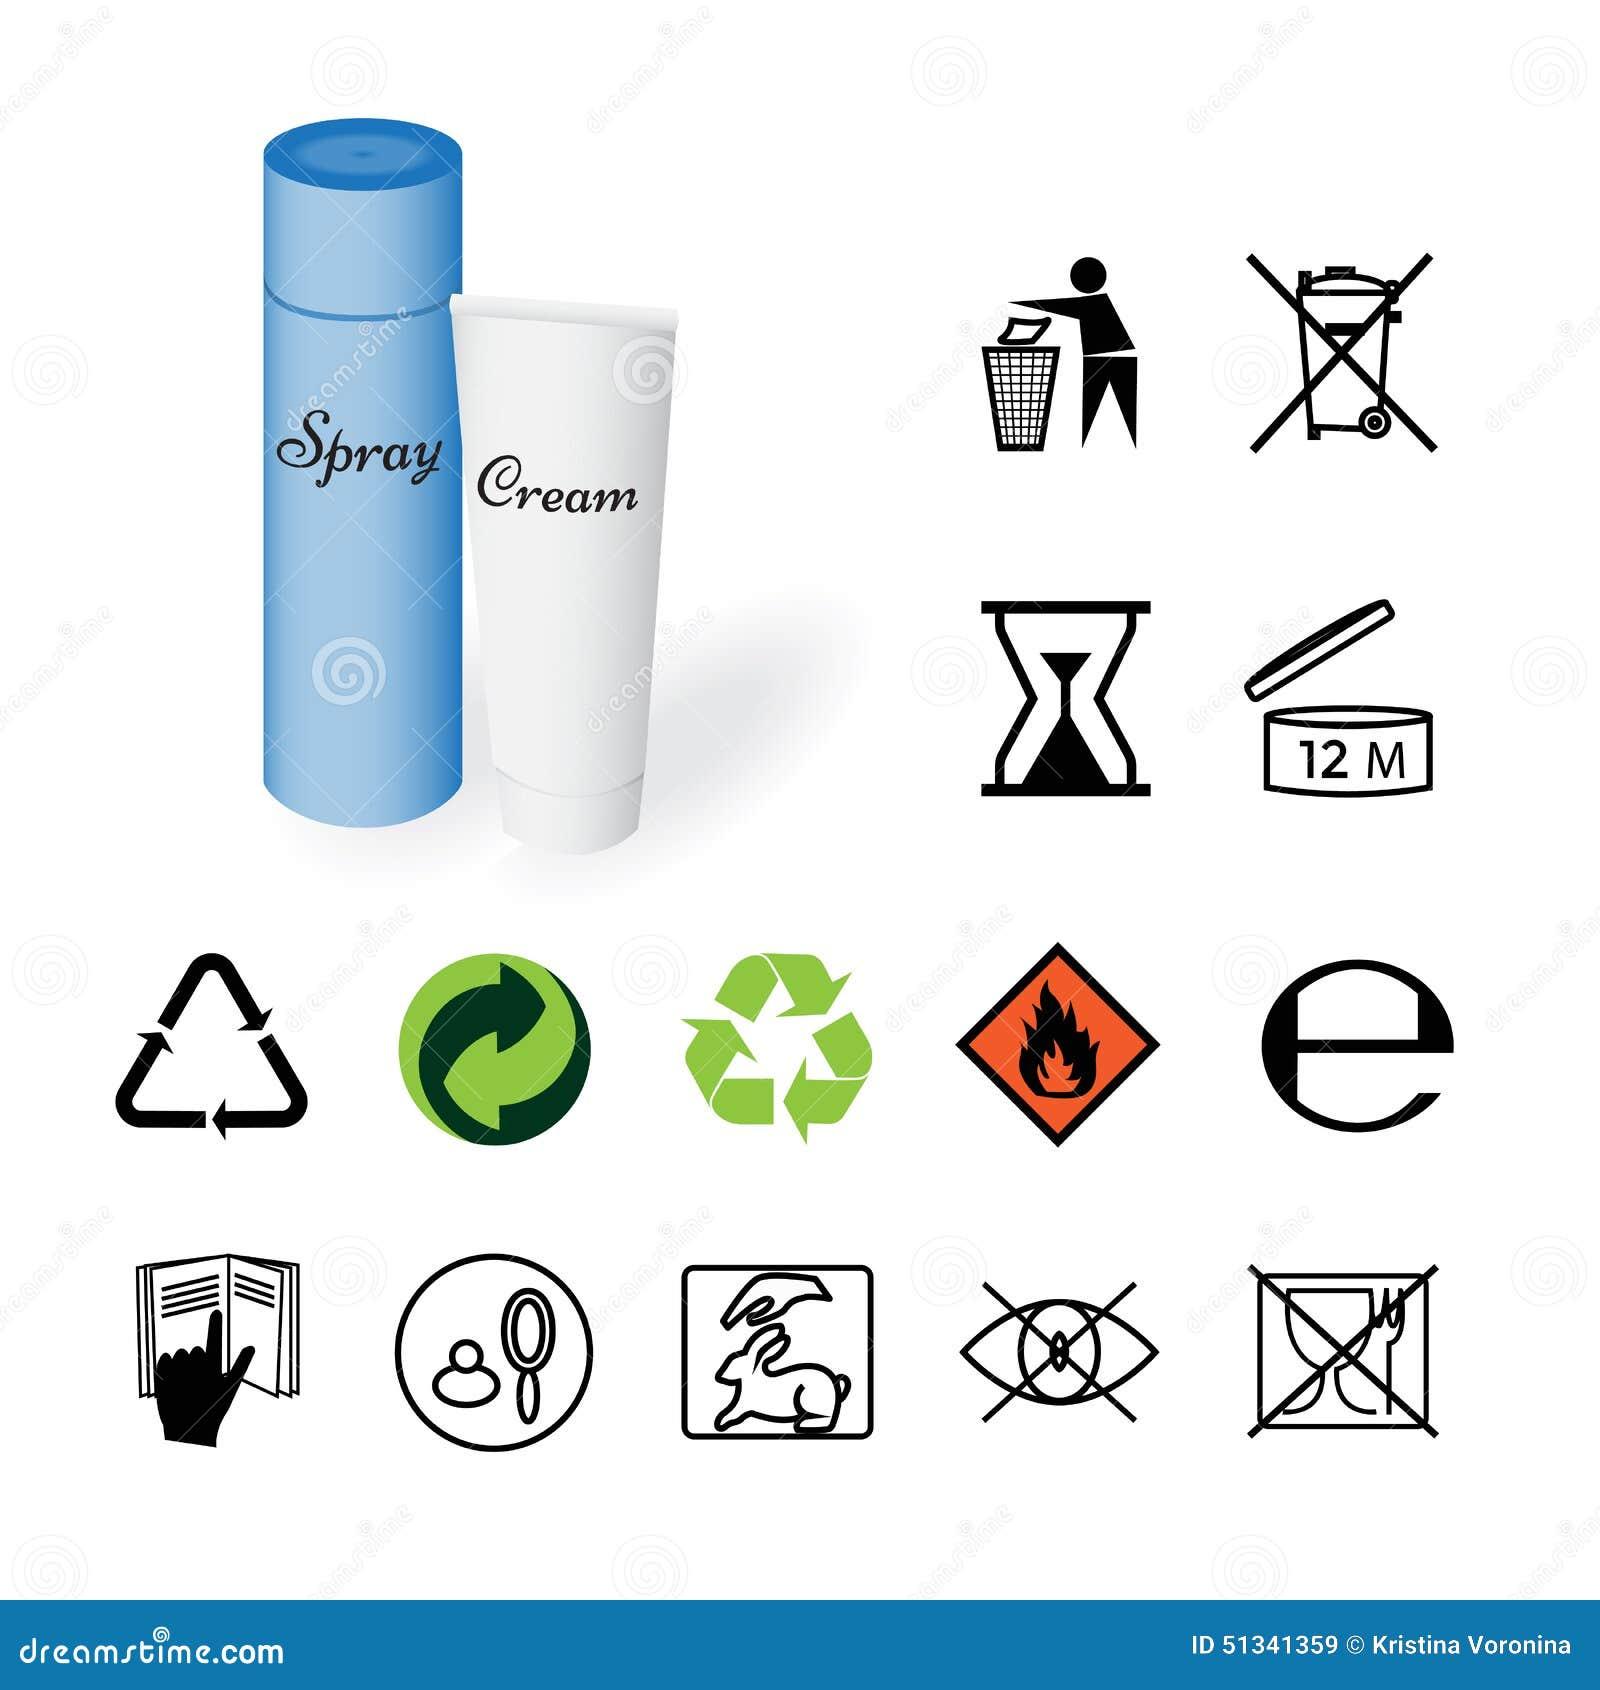 Warning signs, environmental signs, product